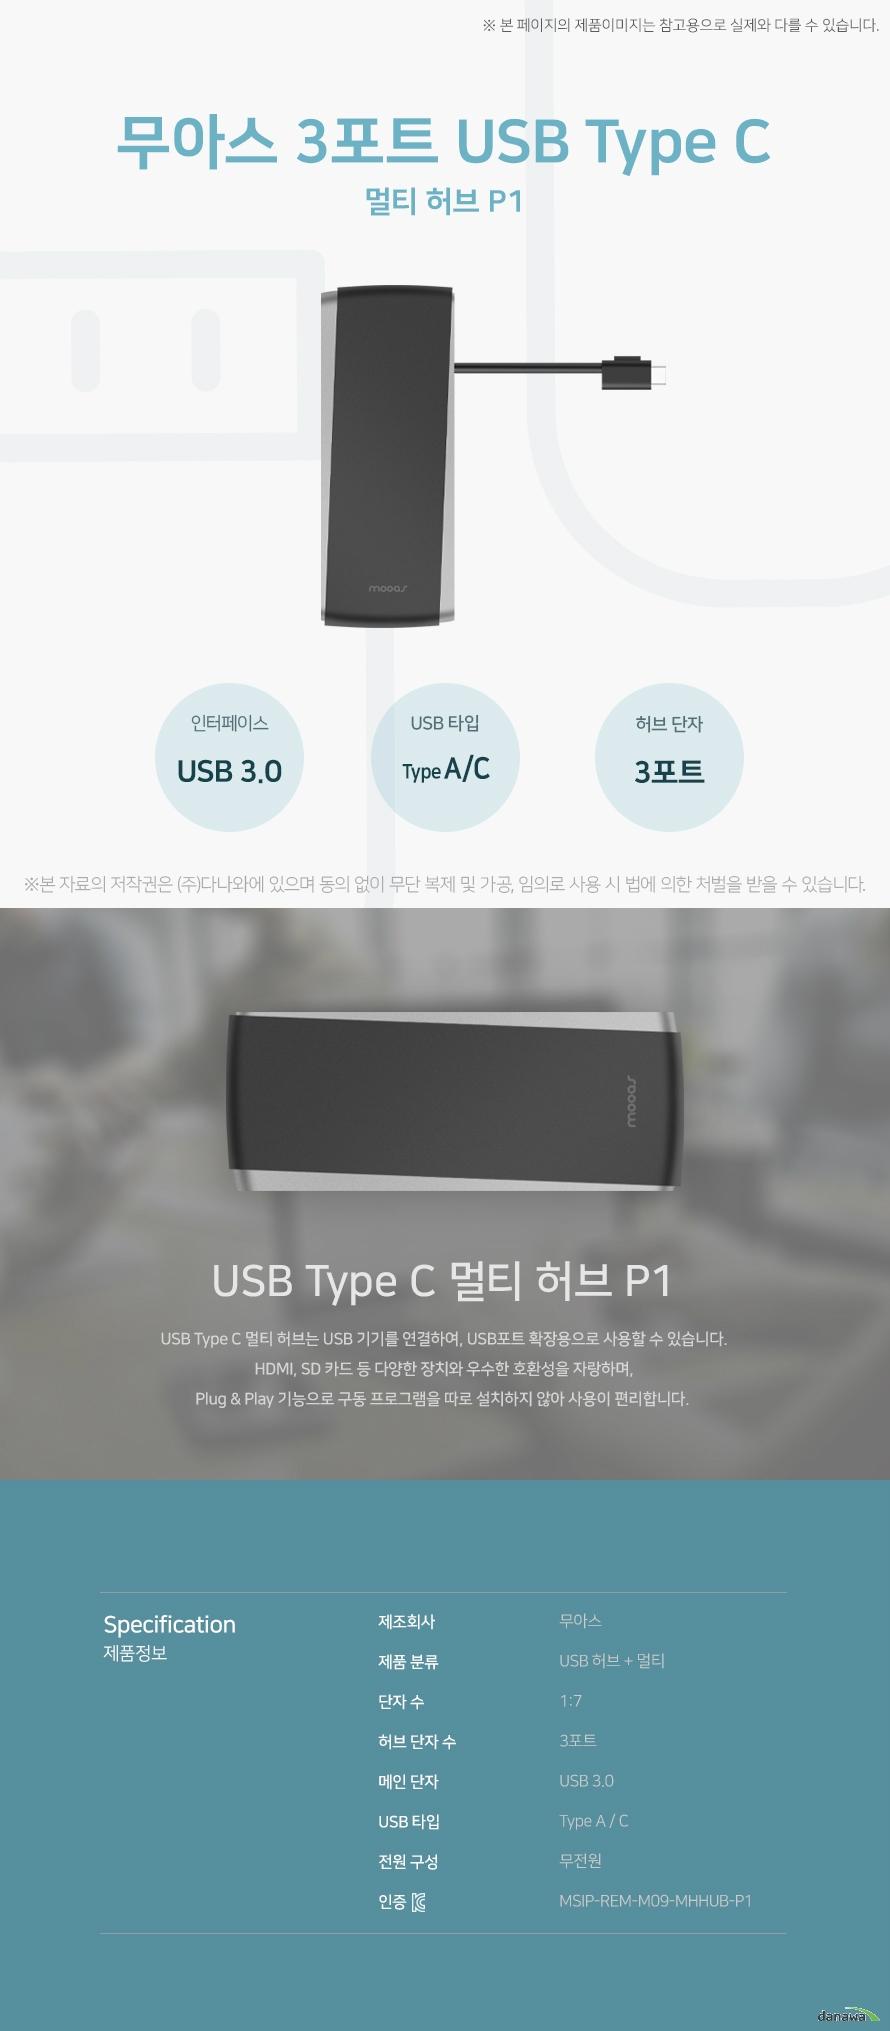 무아스 3포트 USB Type C 멀티 허브 P1 USB Type C 멀티 허브 P1 USB Type C 멀티 허브는 USB 기기를 연결하여, USB 포트 확장용으로 사용할 수 있습니다. HDMI, SD 카드 등 다양한 장치와 우수한 호환성을 자랑하며, 플러그 앤 플레이 기능으로 구동 프로그램을 따로 설치하지 않아 사용이 편리합니다. 스펙 제조회사 무아스 제품 분류 USB 허브 + 멀티 단자 수 1:7 허브 단자 수 3포트 메인 단자 USB 3.0 USB 타입 Type A/C 전원 구성 무전원 KC인증 MSIP-REM-M09-MHHUB-P1